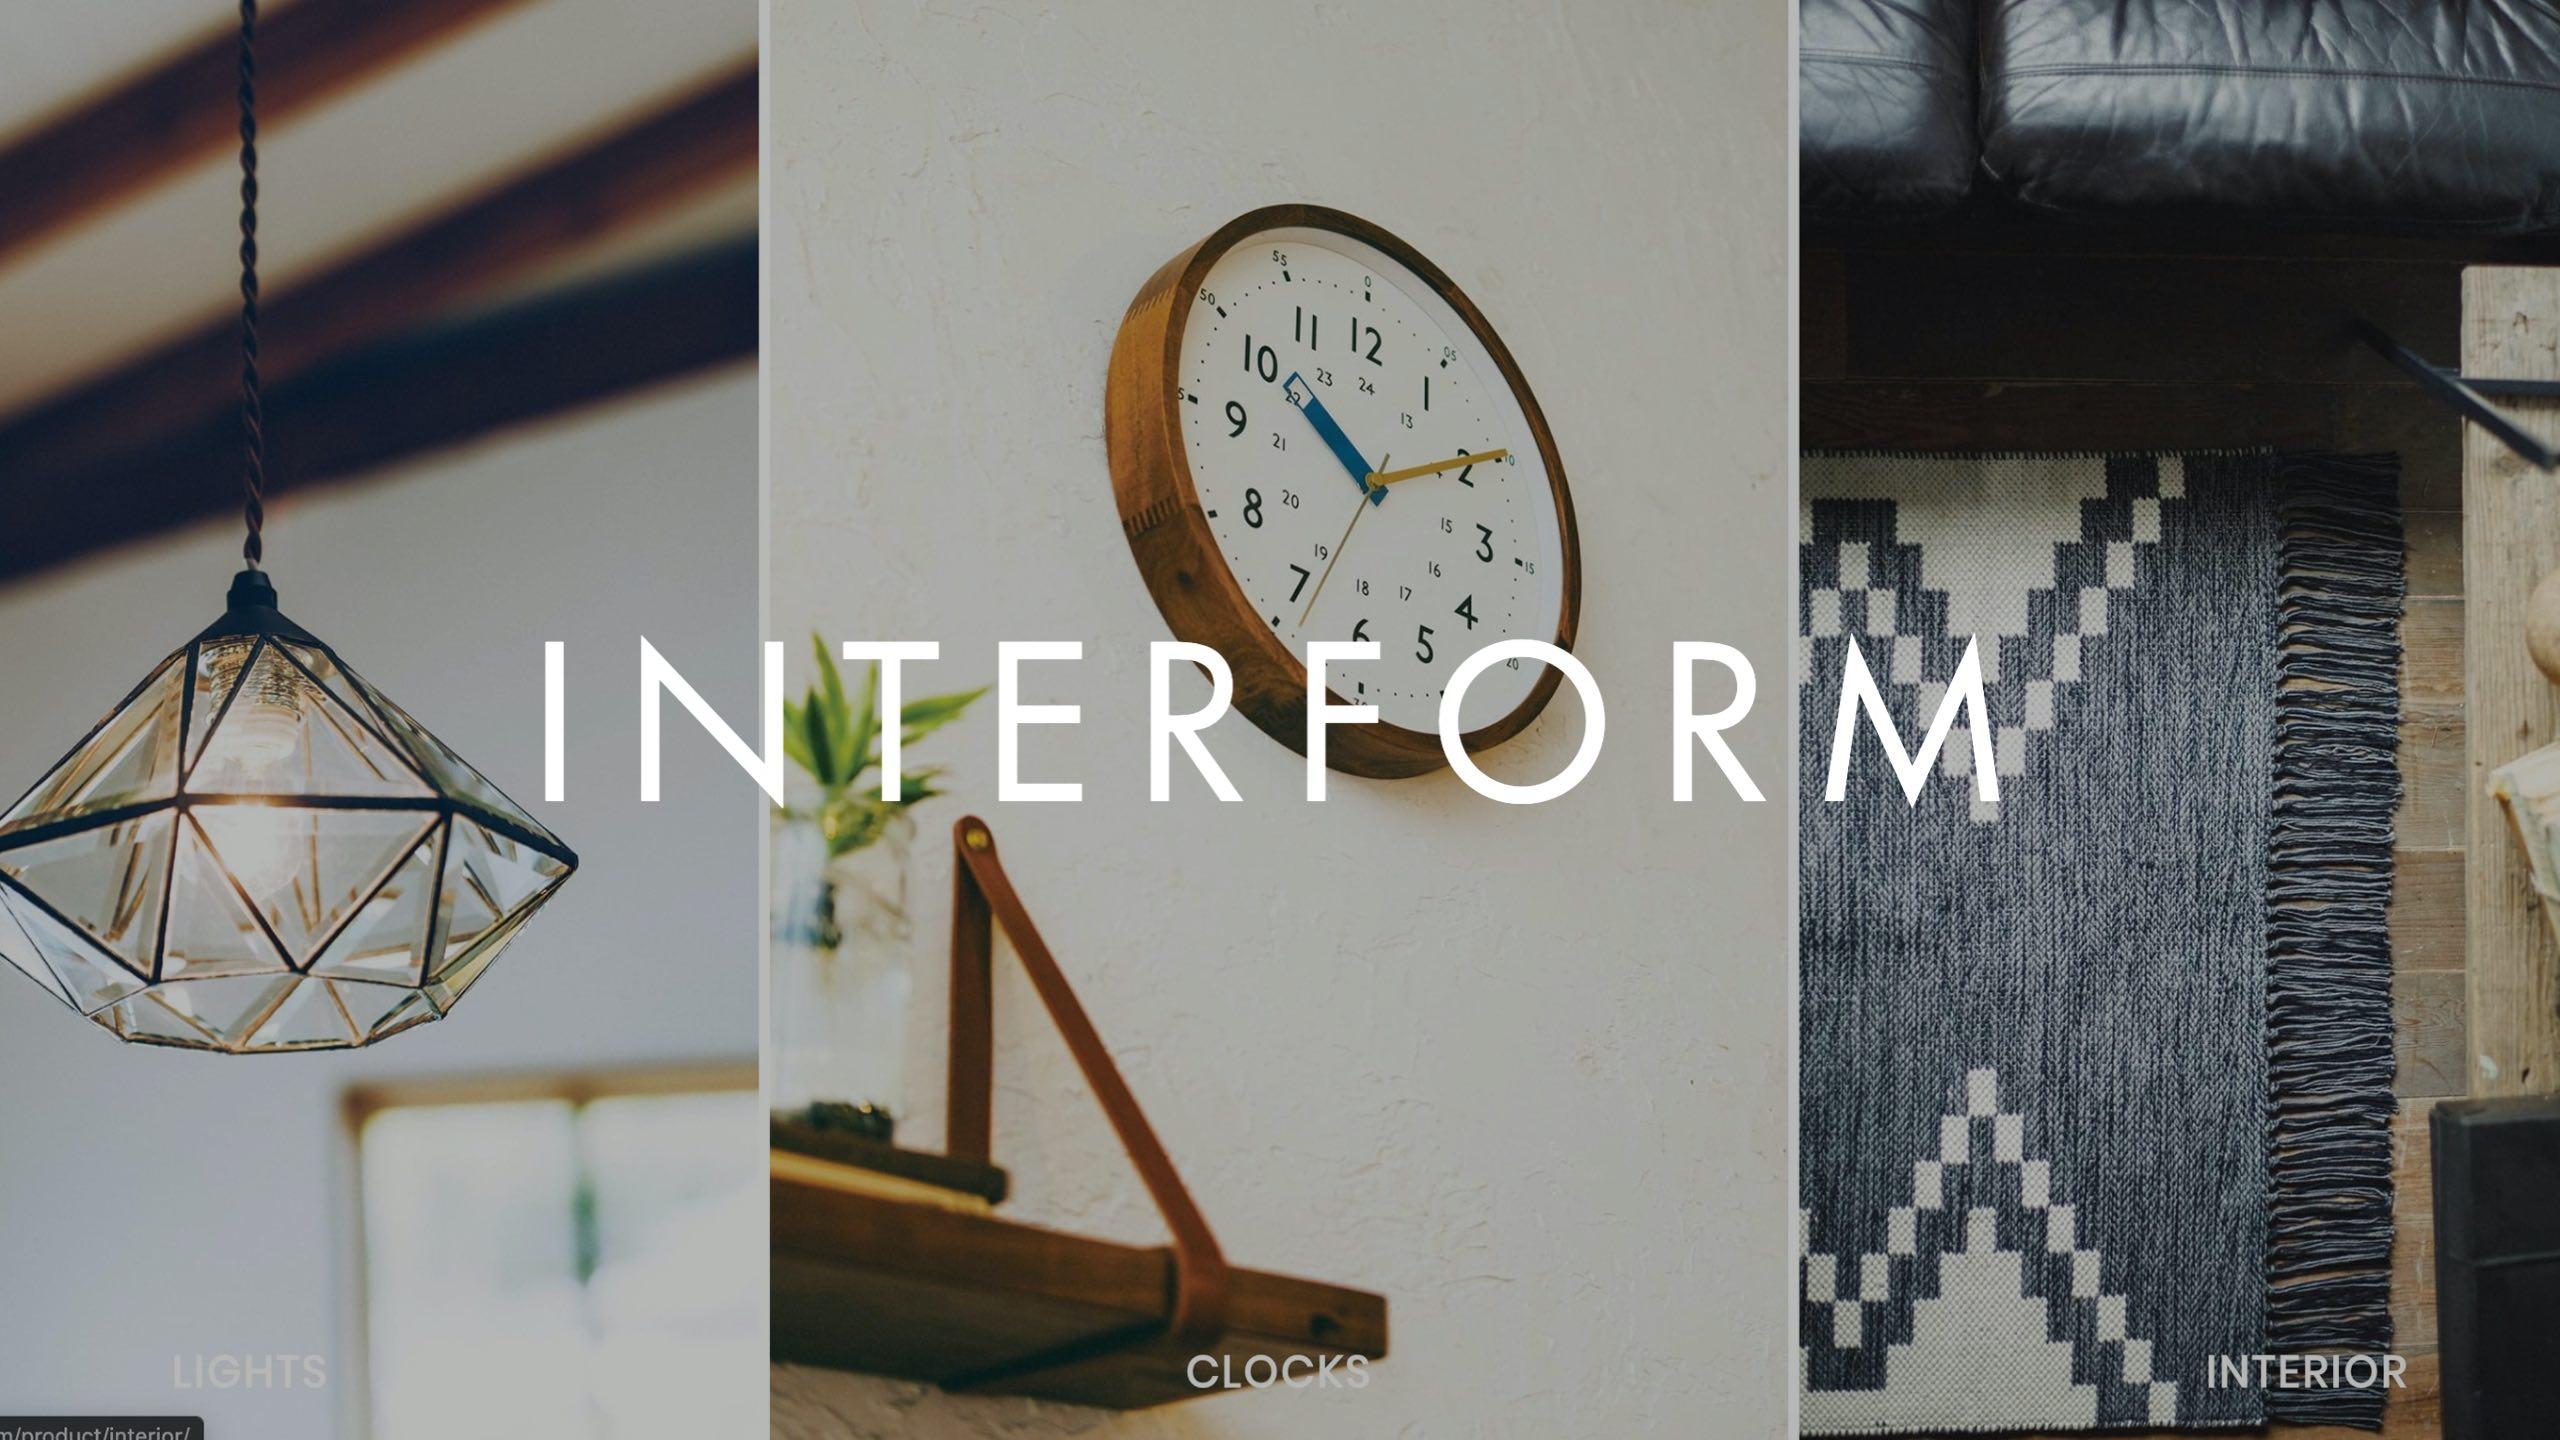 Interform(インターフォルム)の照明や時計がリーズナブルでハイセンス【おすすめもご紹介!】